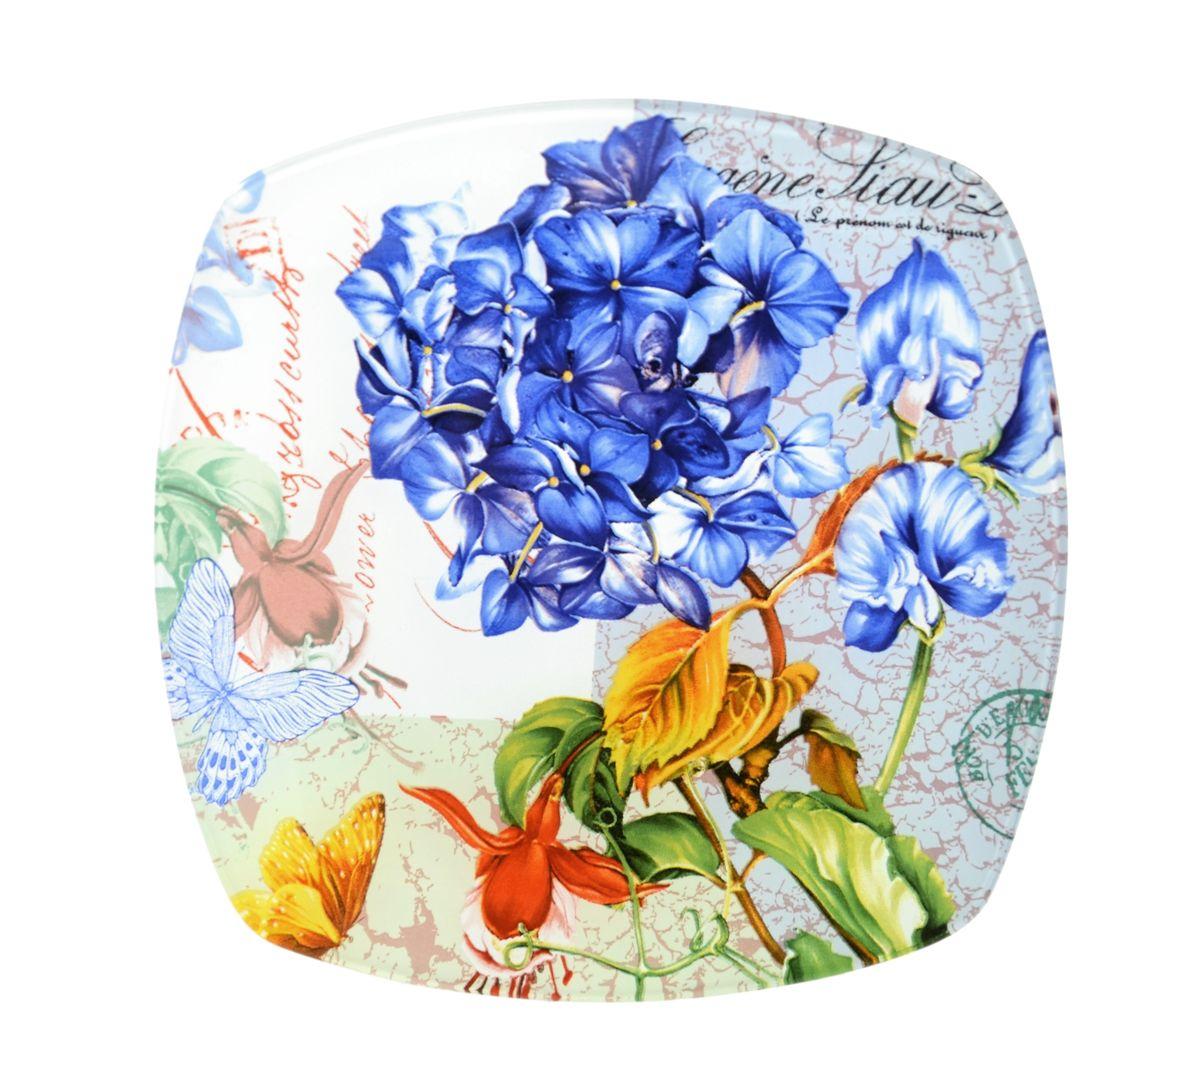 Тарелка Zibo Shelley Флоксы, 20 см х 20 смZSFL350008BКвадратная тарелка Zibo Shelley Флоксы, изготовленная из стекла, декорирована ярким изображением цветов. Она не только украсит сервировку вашего стола и подчеркнет прекрасный вкус хозяйки, но и станет отличным подарком. Можно использовать в посудомоечной машине и СВЧ. Размер по верхнему краю: 20 см х 20 см. Высота: 1,5 см.